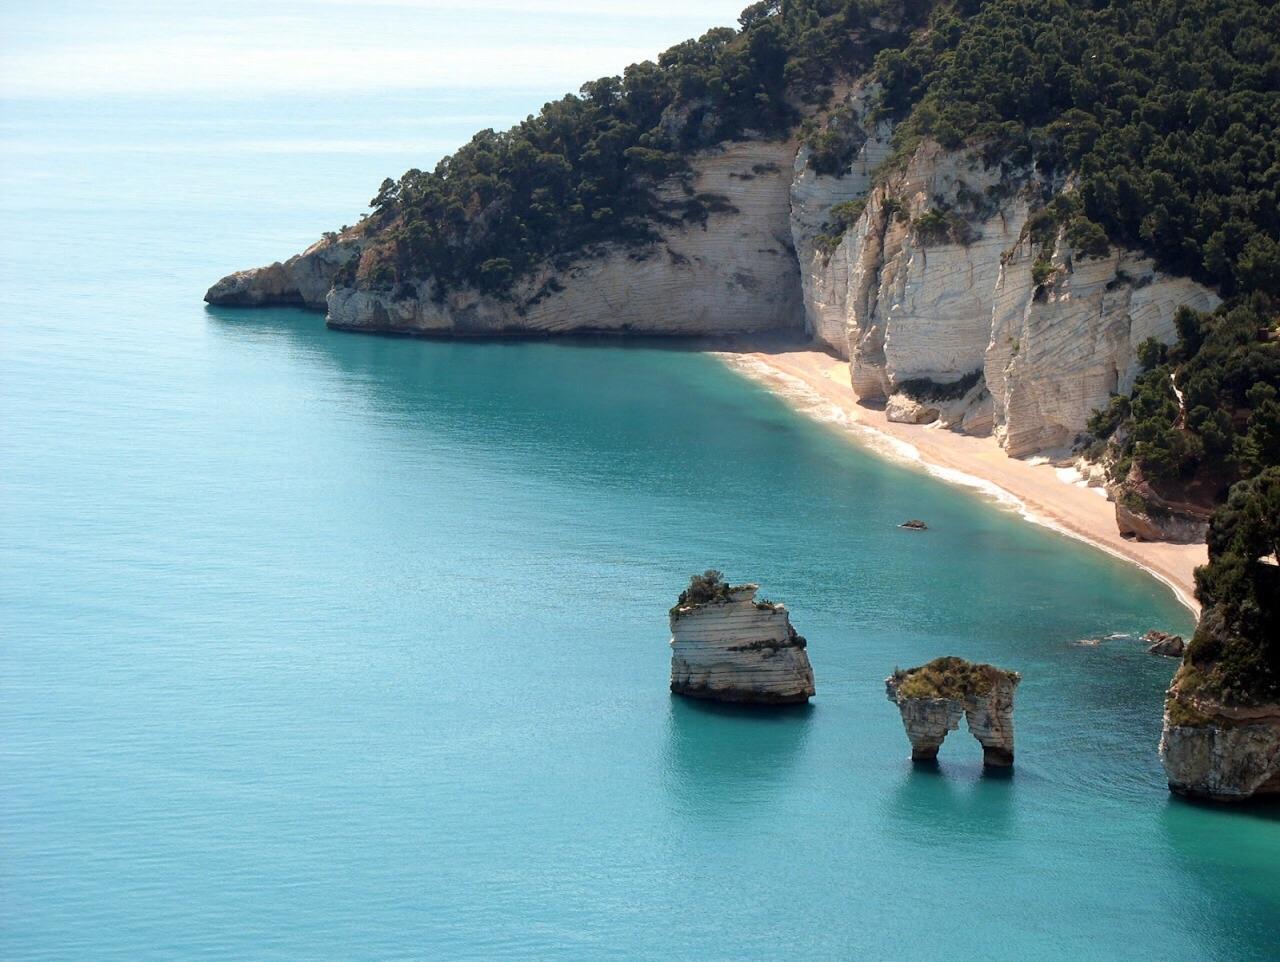 Italian Coast, see you in 2 weeks!